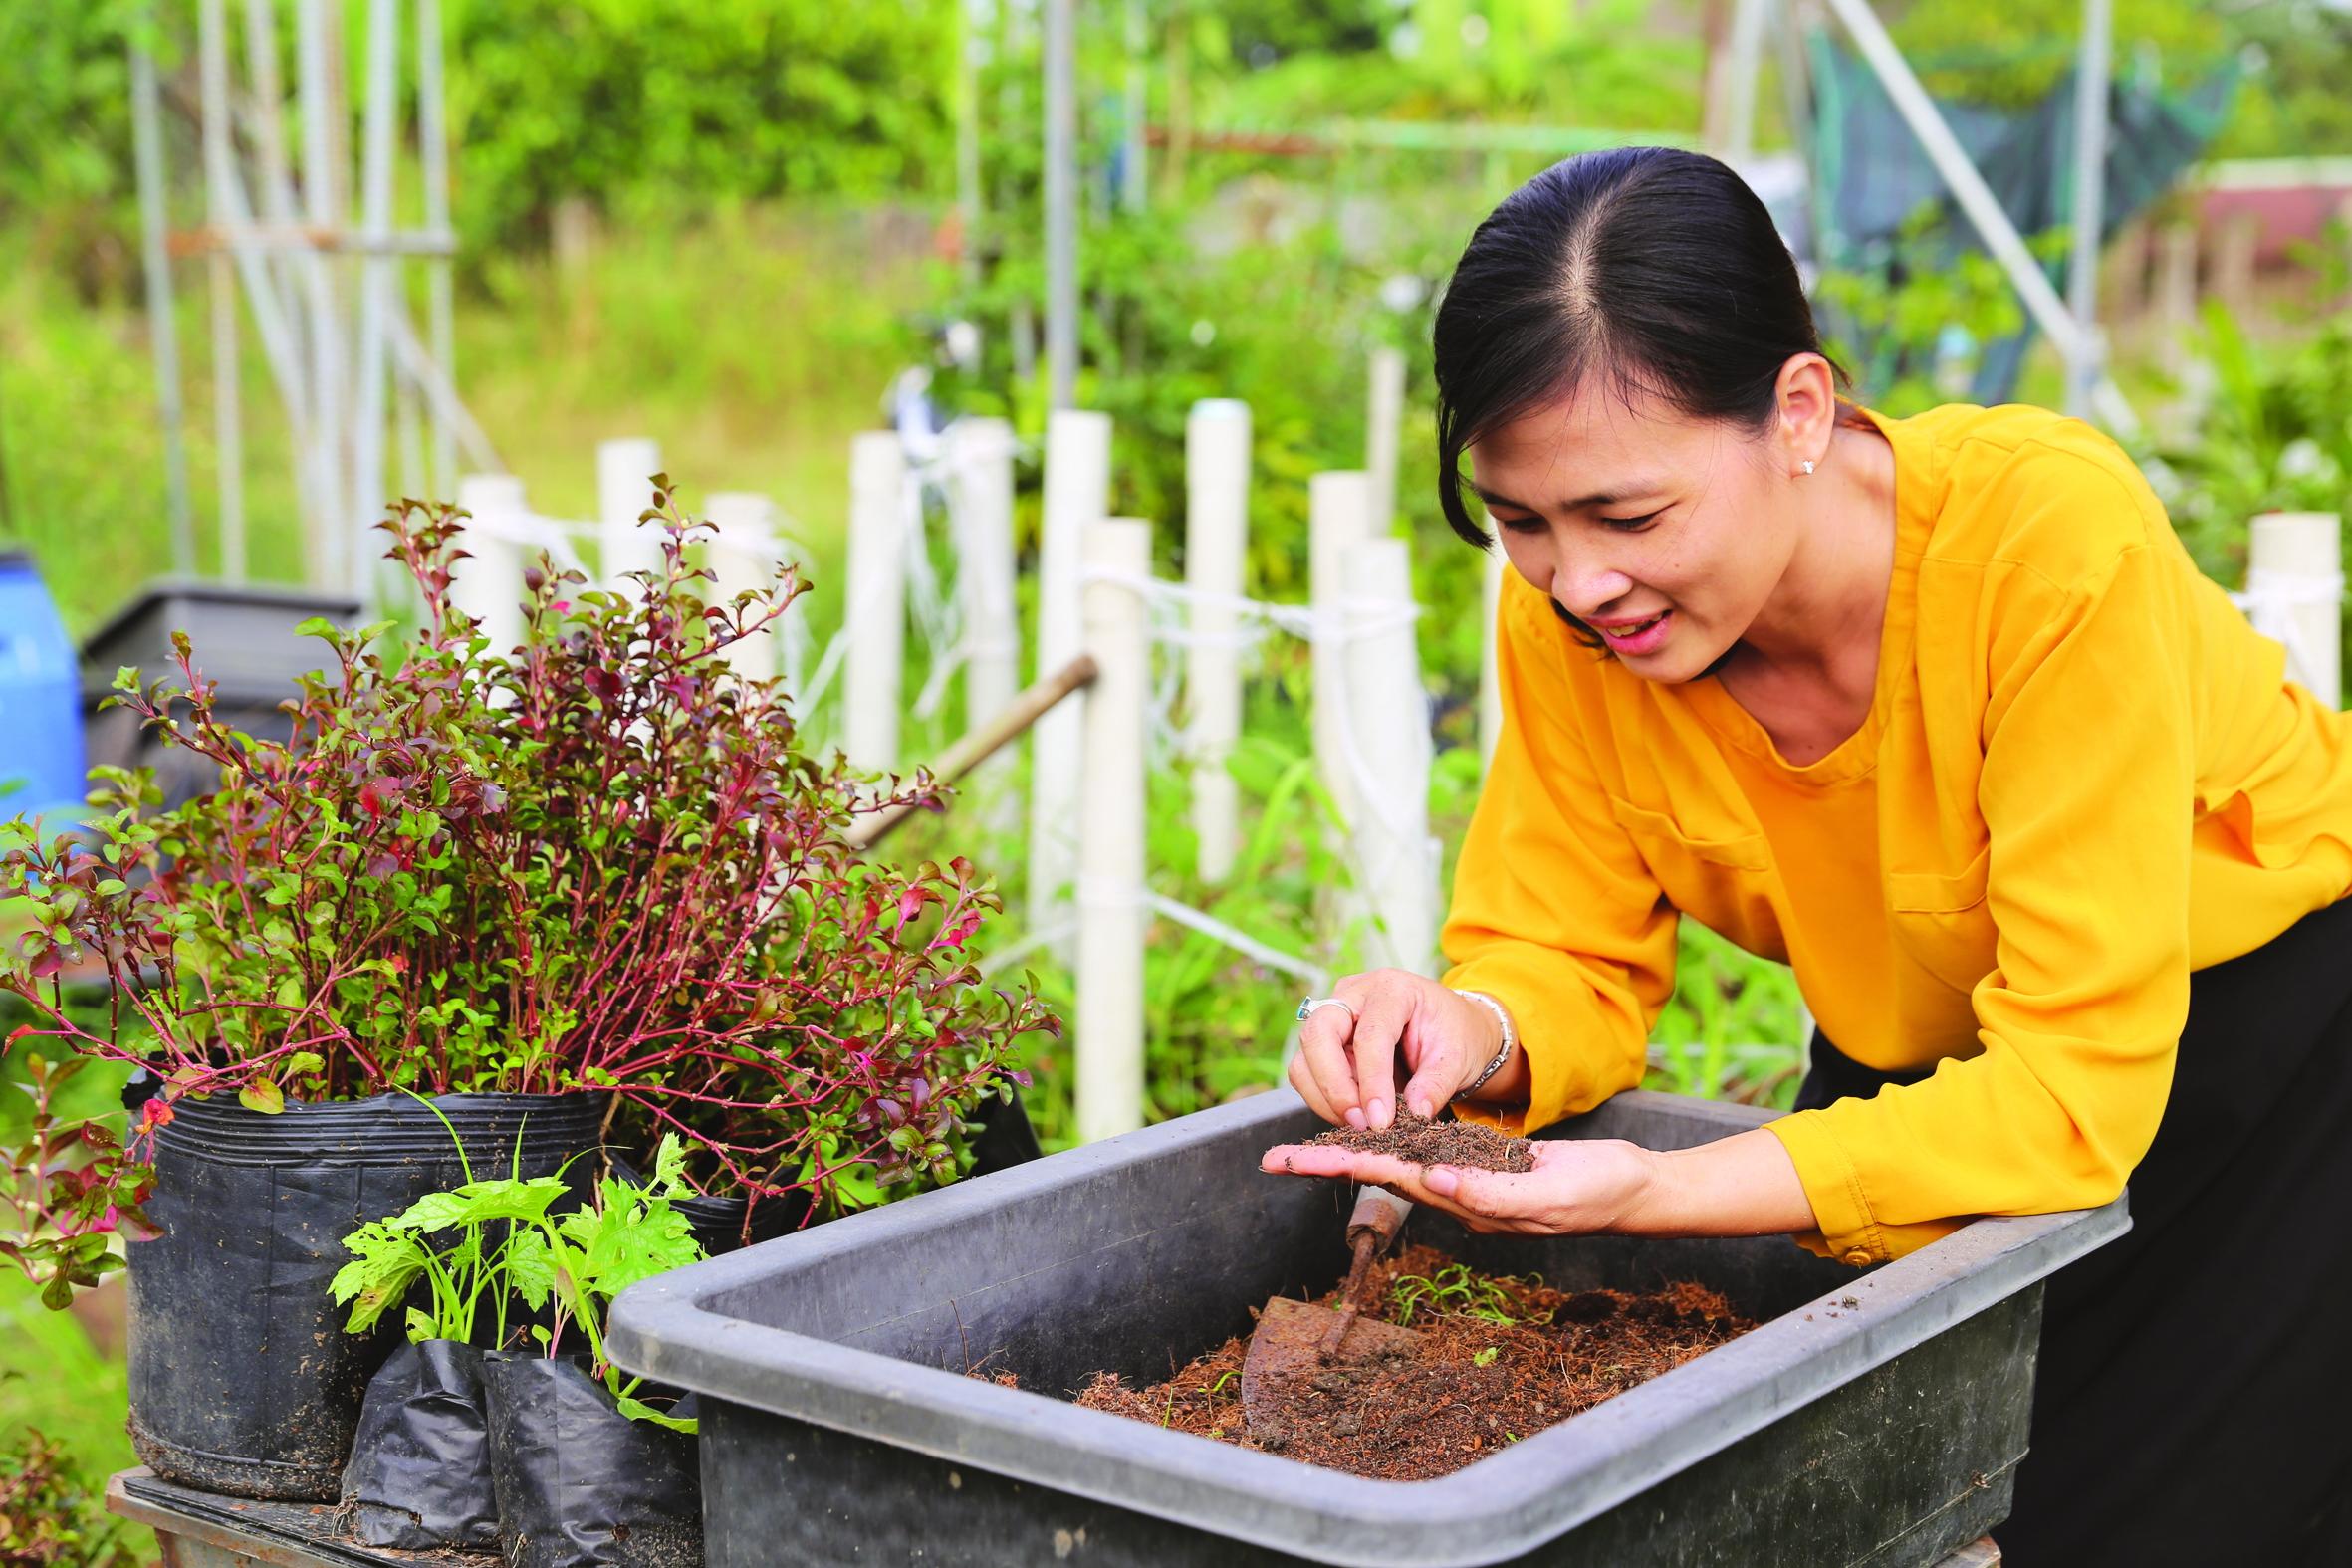 Chị Huỳnh Thị Tố Uyên kiểm tra đất vừa qua xử lý khử phân bón hóa học trên mảnh vườn ở xã Vĩnh Lộc A, H.Bình Chánh